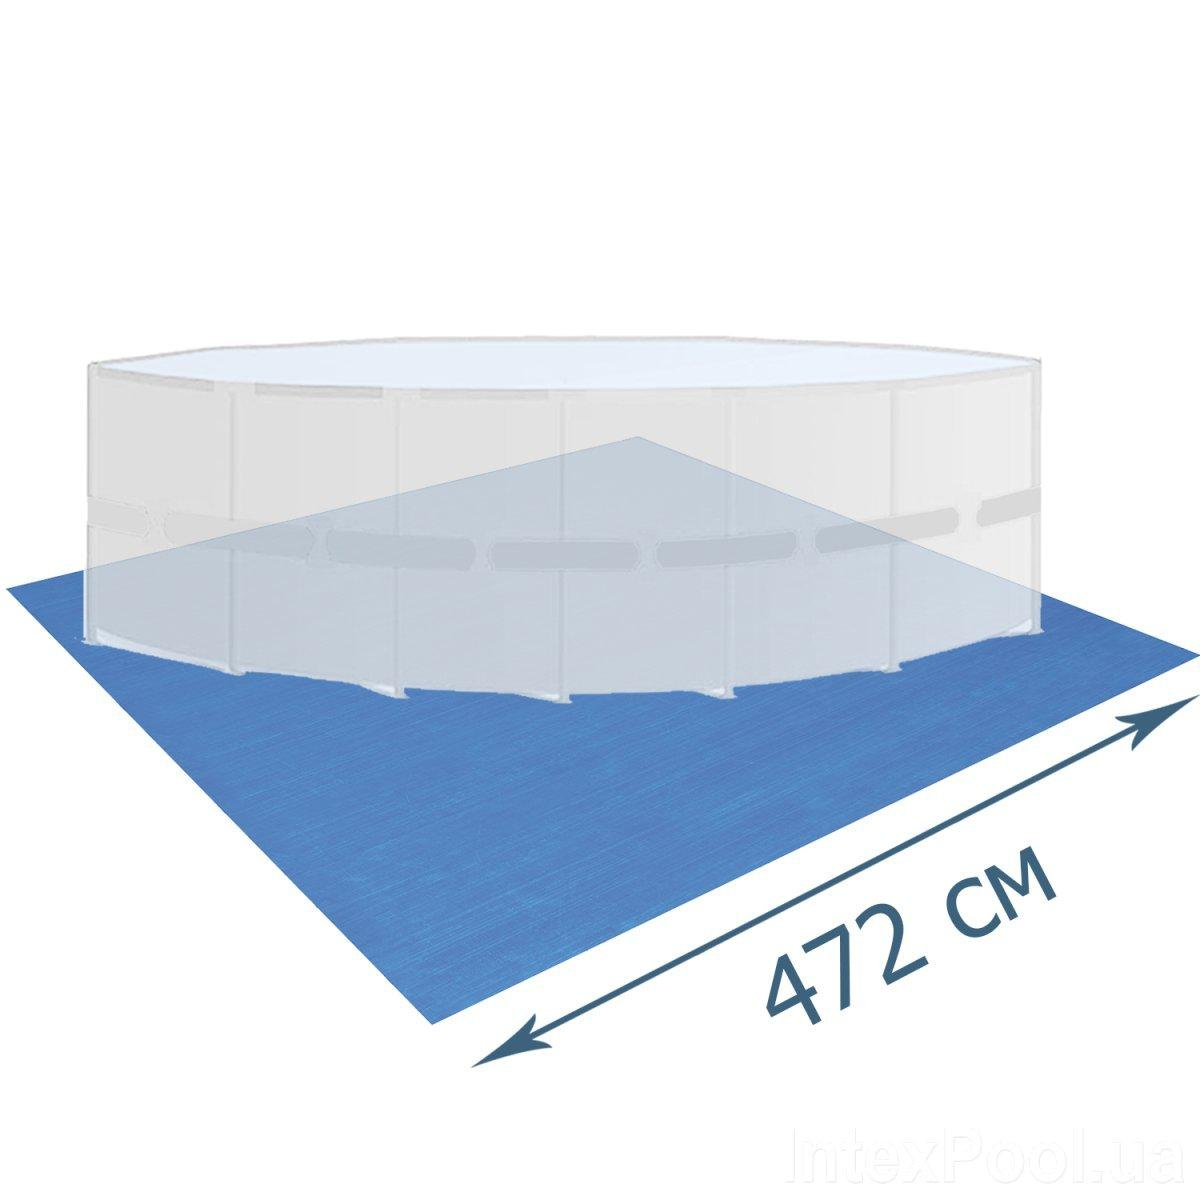 Подстилка для бассейна Intex 28048, 472 х 472 см, квадратная